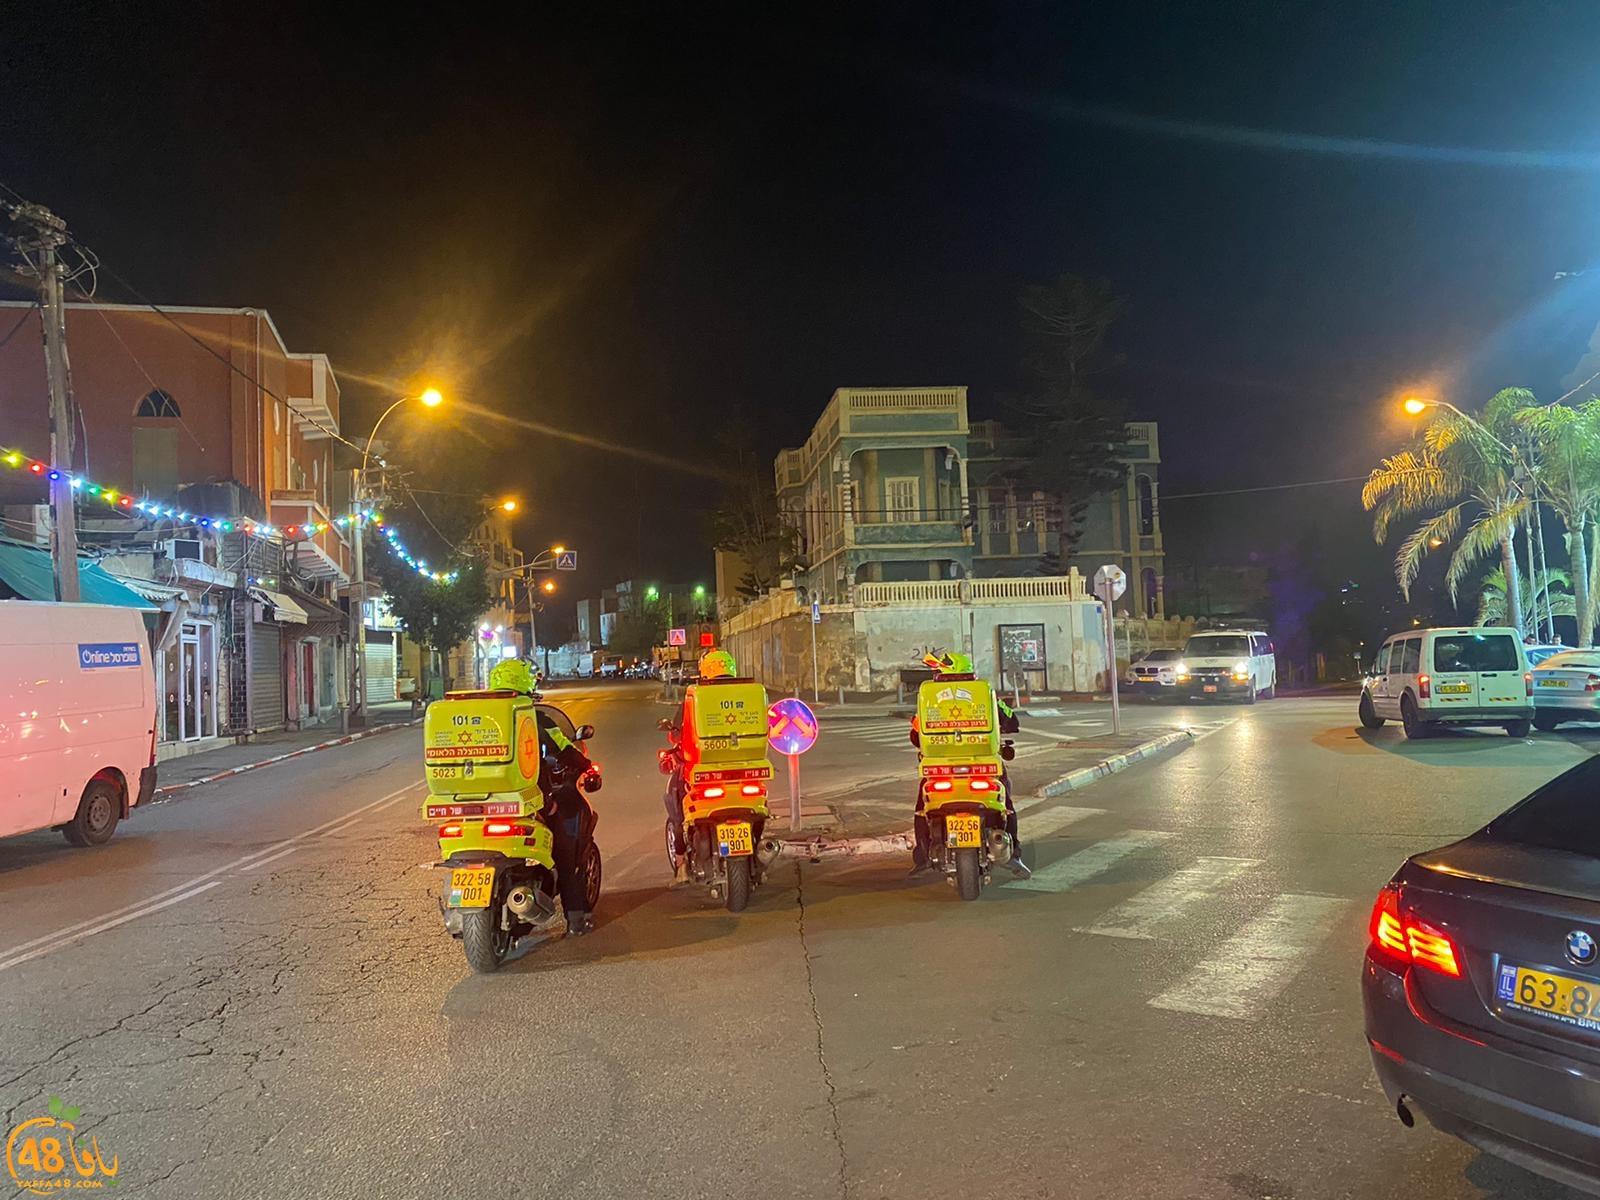 يافا: تجدّد عمليّات إطلاق النار، وحالة من الترقّب والخوف بين السكّان